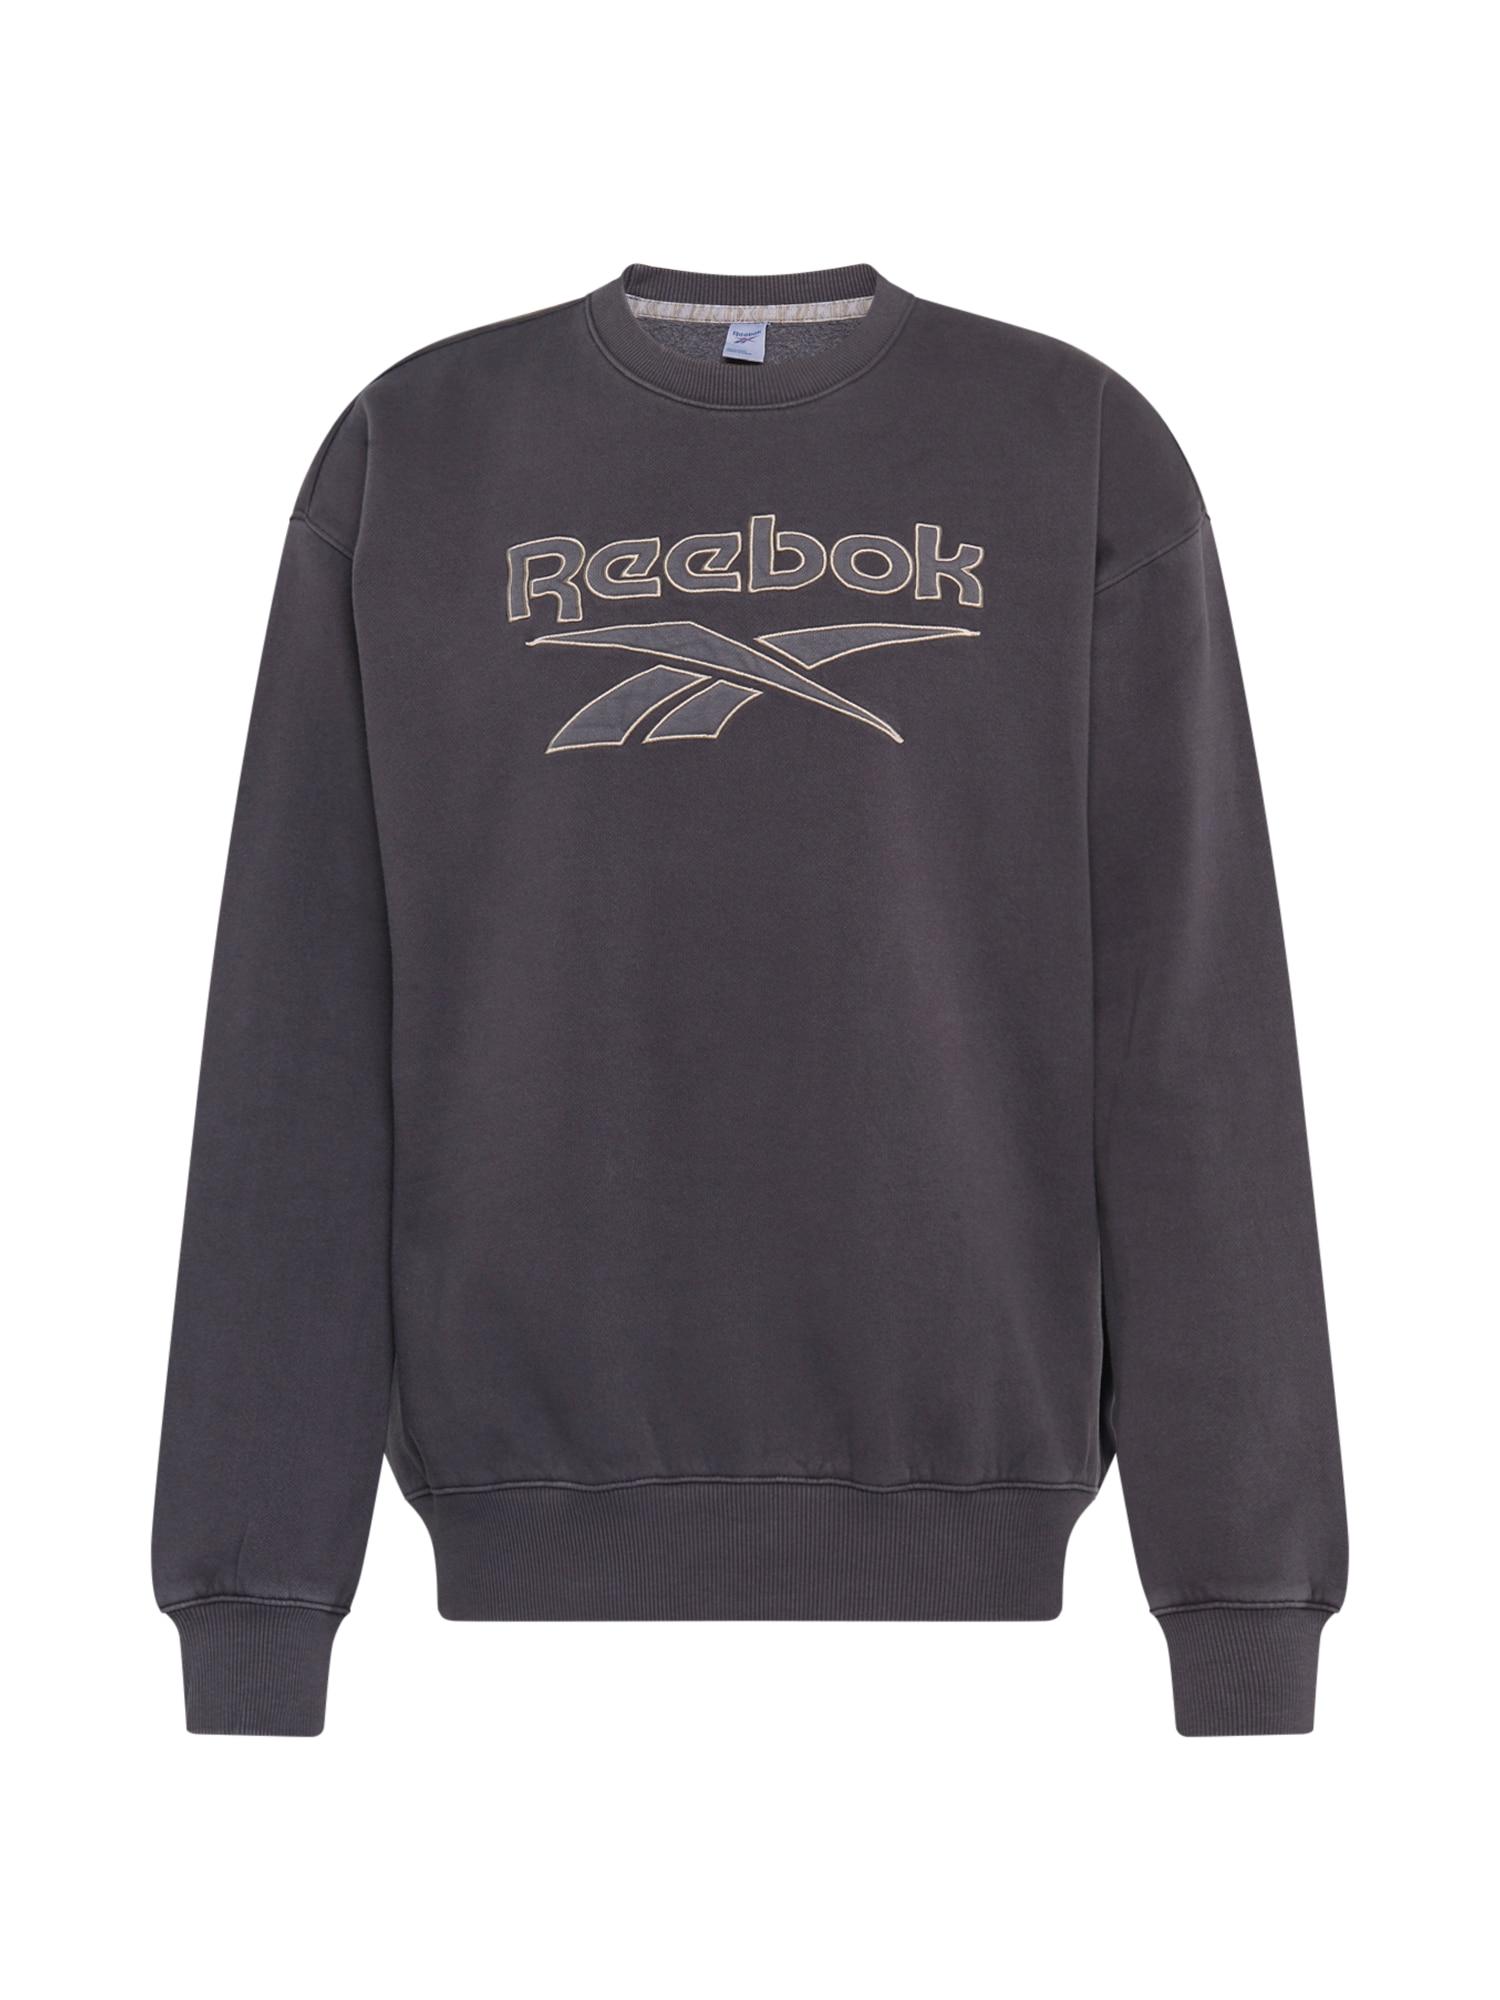 REEBOK Sportinio tipo megztinis margai juoda / tamsiai pilka / glaisto spalva